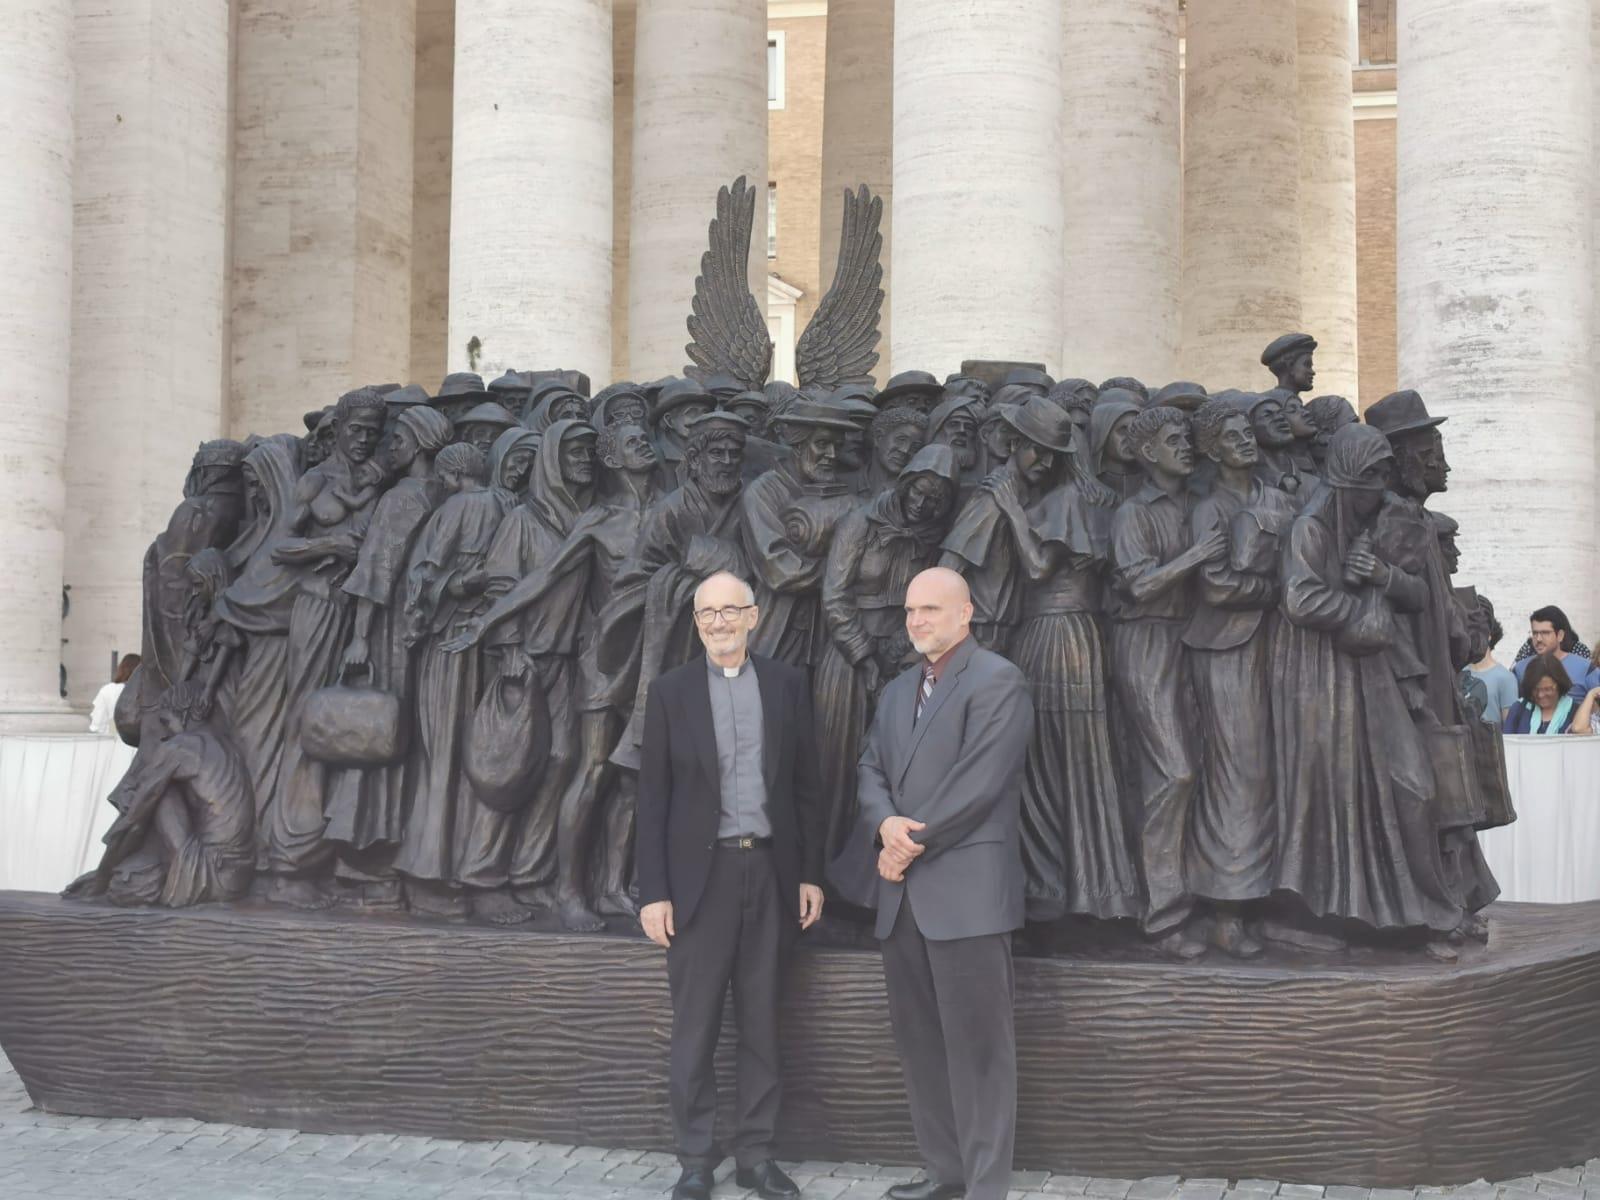 El cardenal Czerny y el autor de la escultura de la plaza de San Pedro